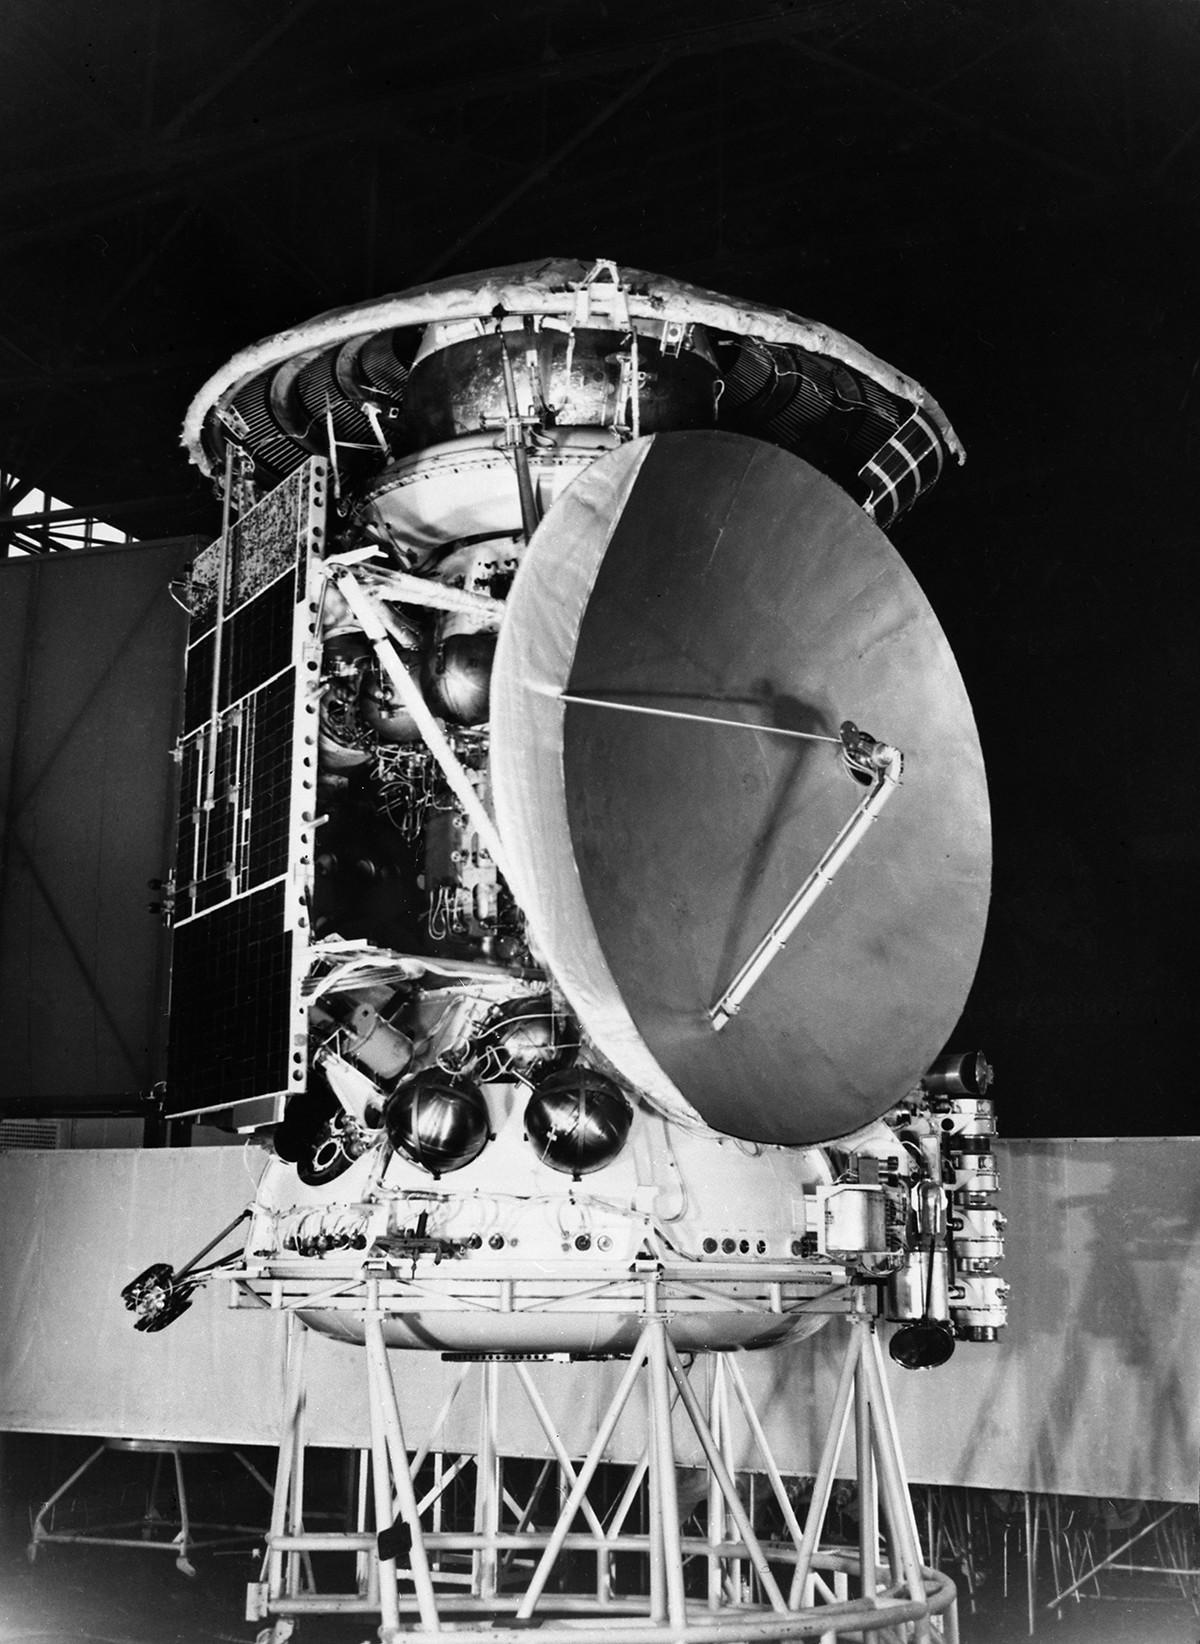 Station interplanétaire soviétique Mars 3, lancée le 28 mai 1971